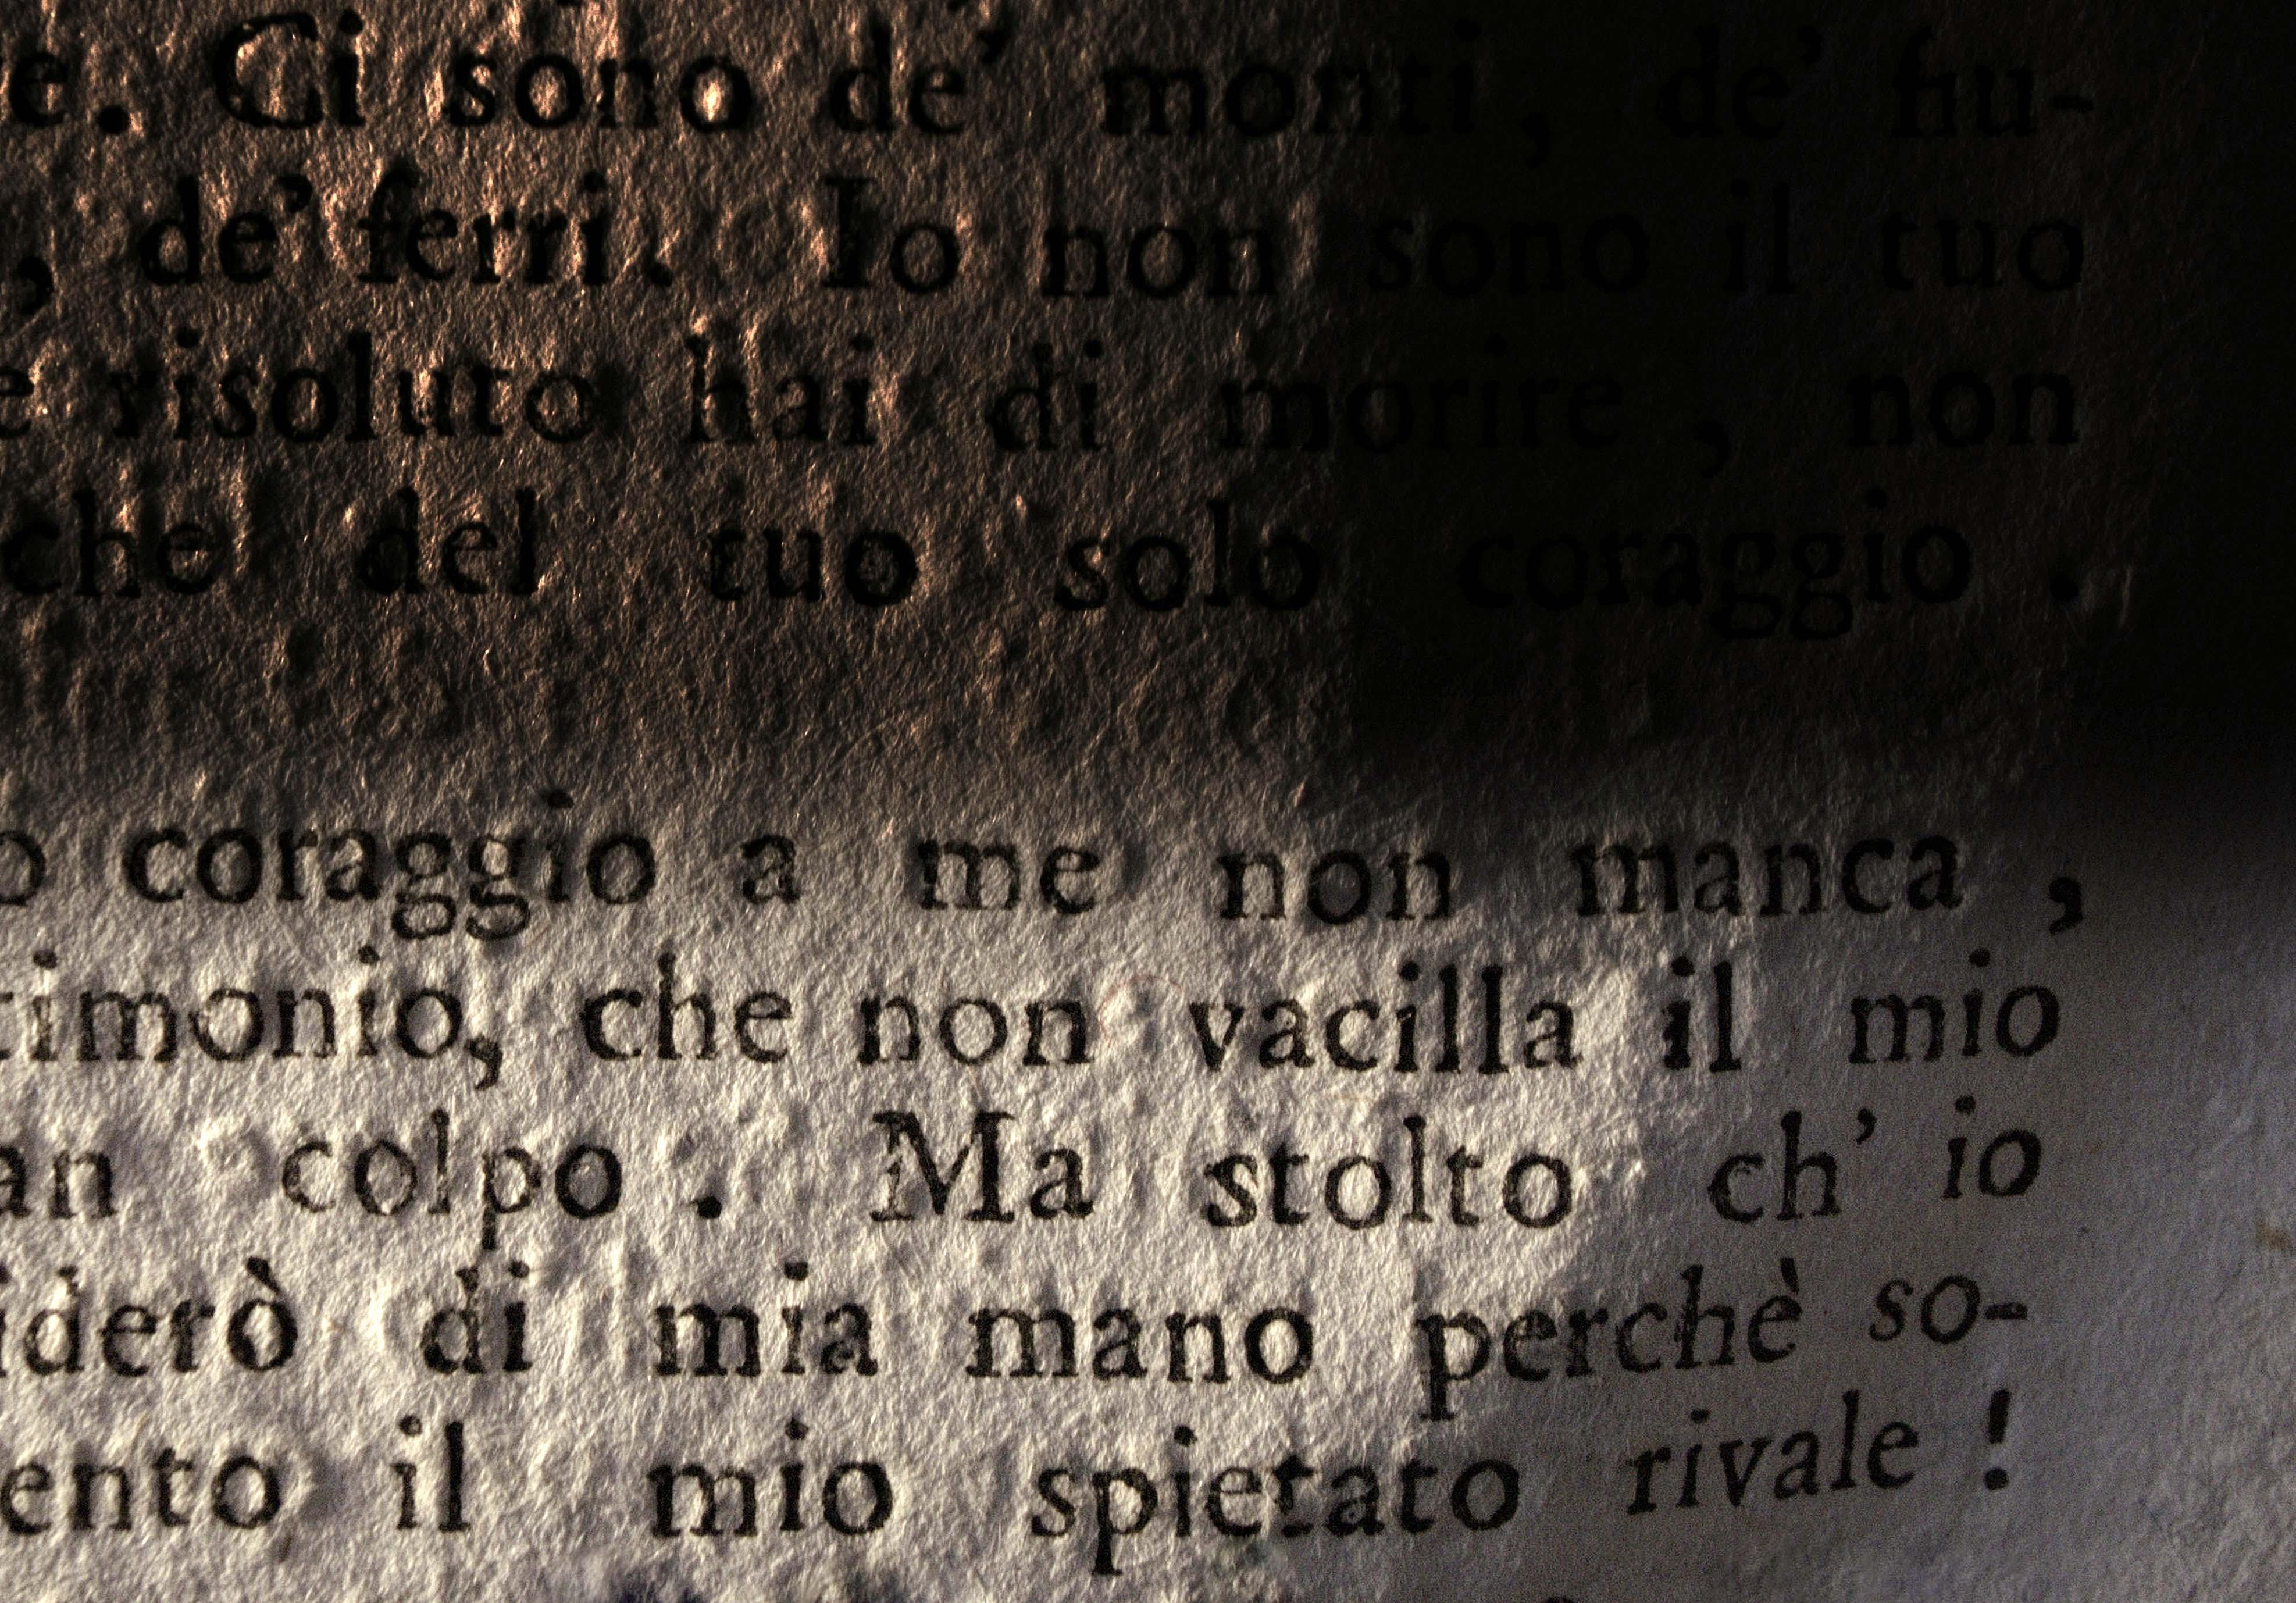 Luisa Menazzi Moretti, Coraggio, 2013, Serie Words, cm 42x60